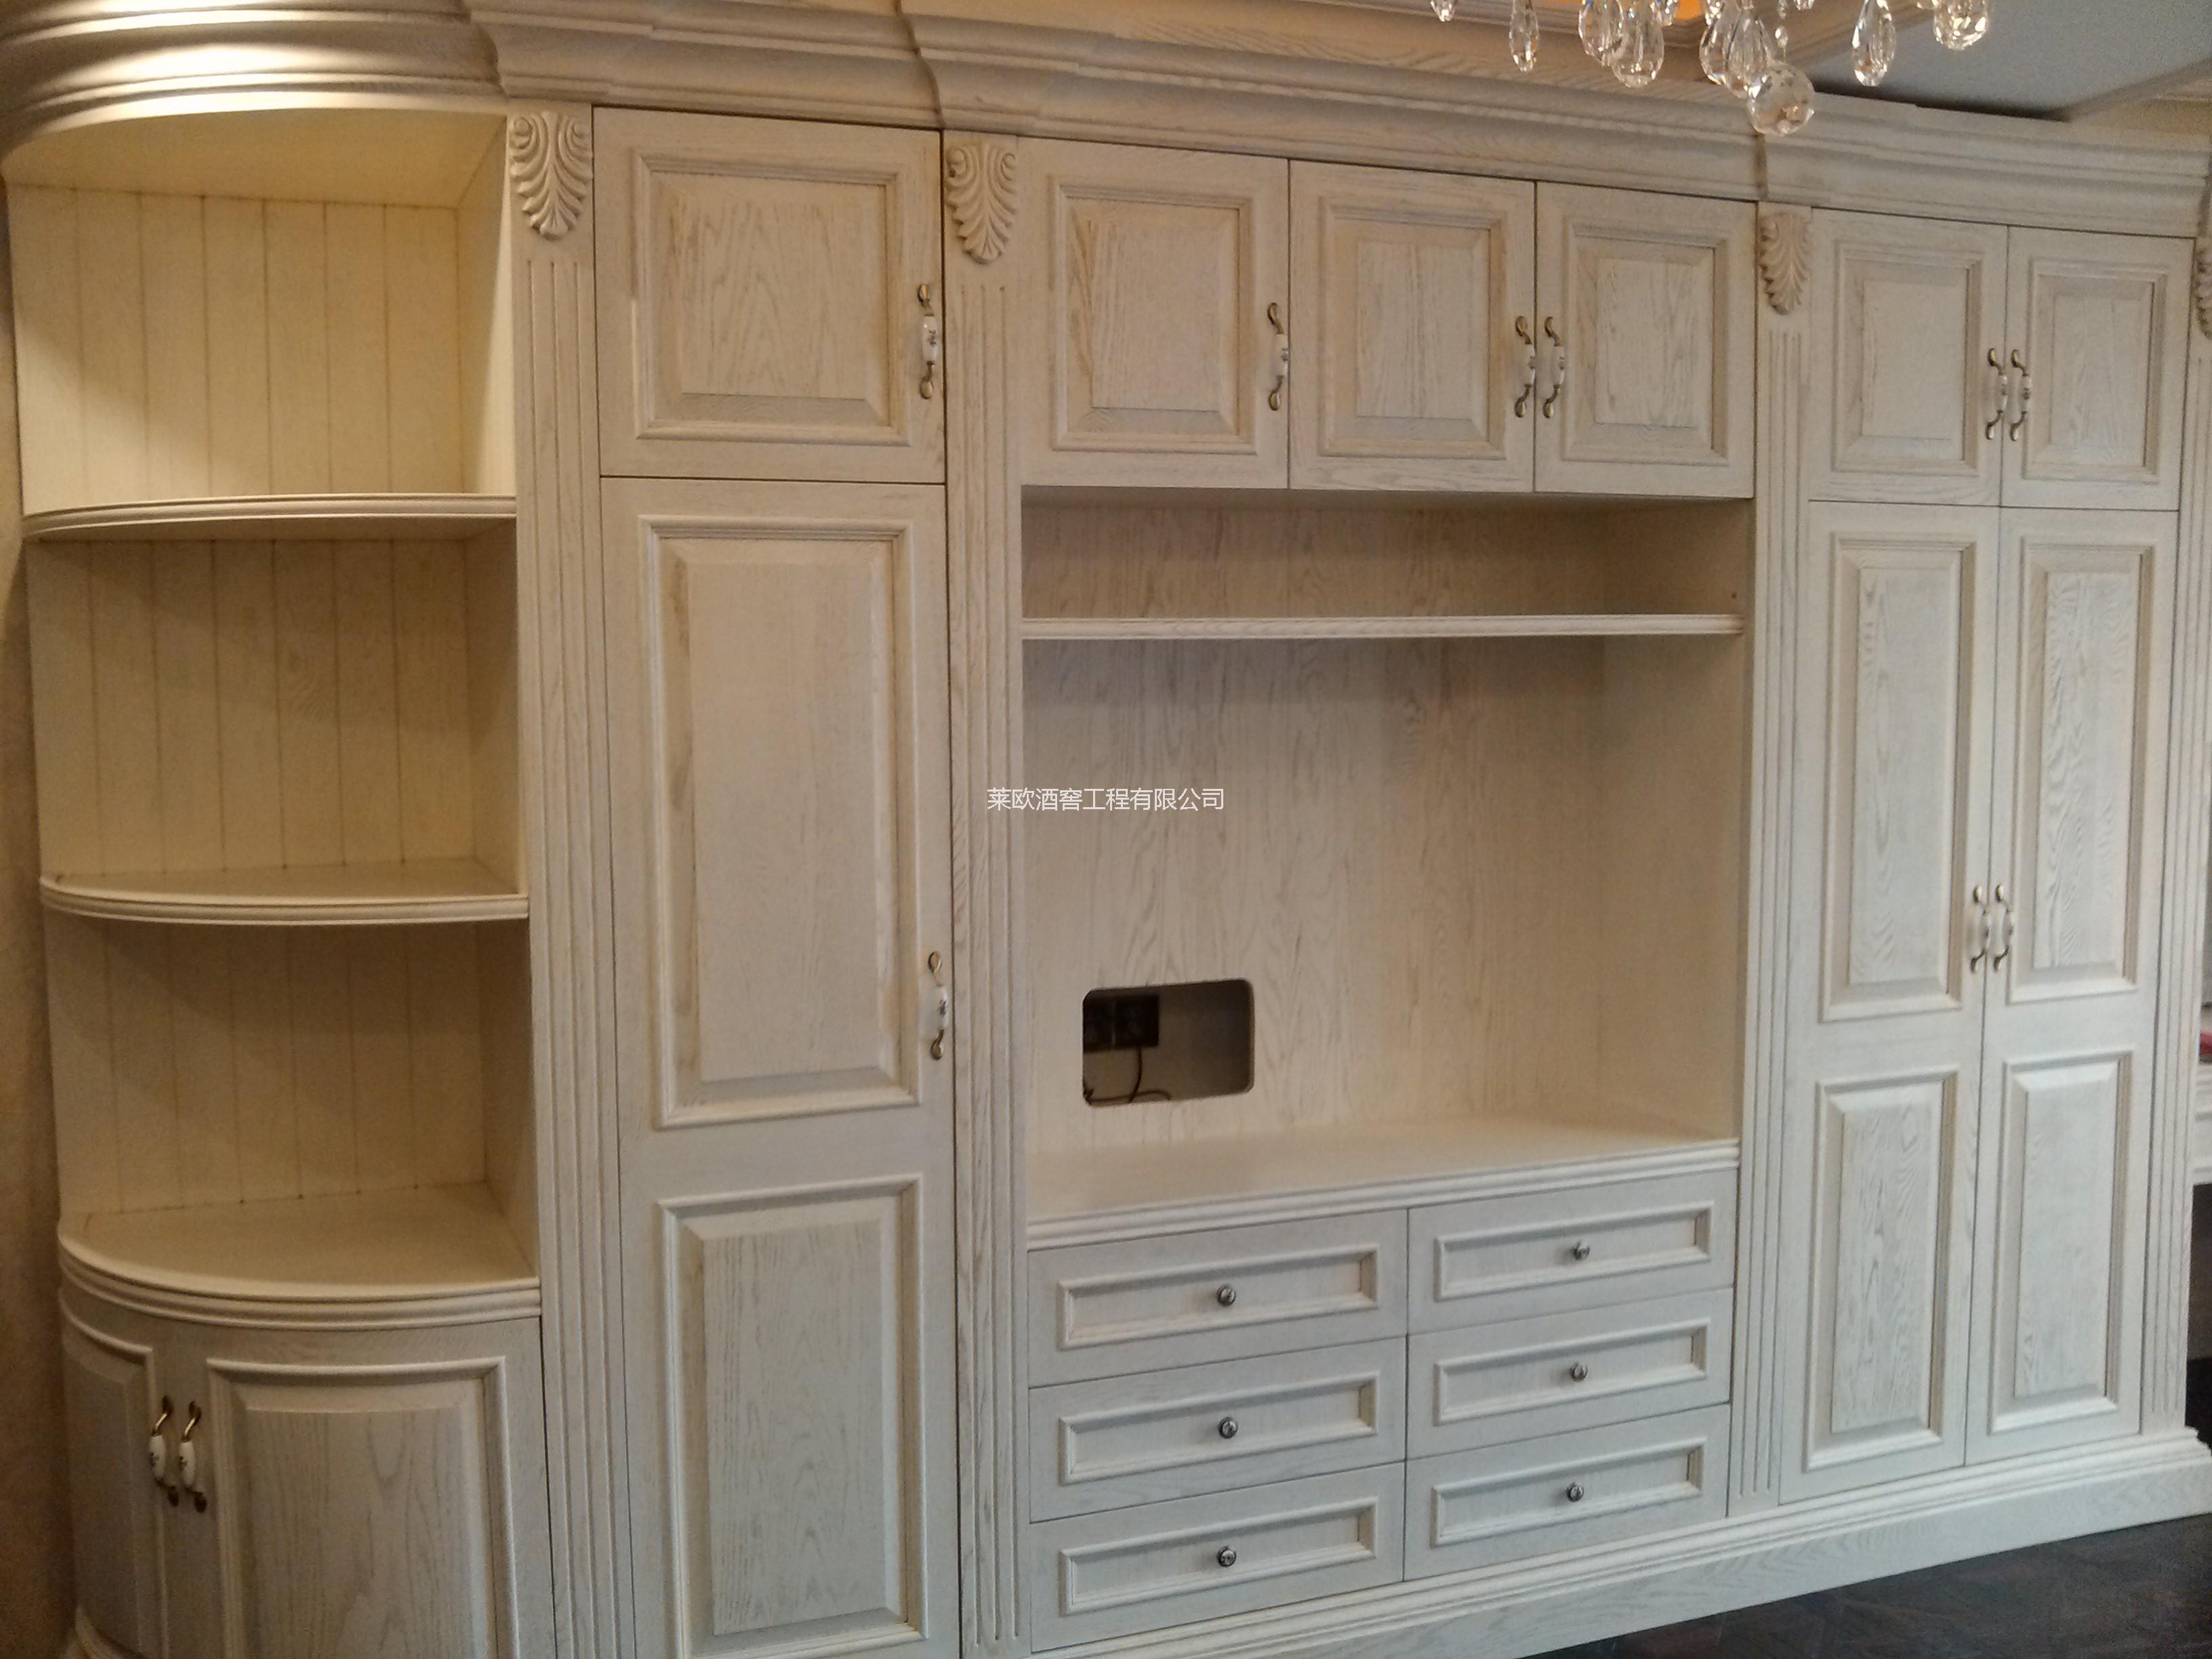 供应整体衣柜,书柜,整体家具定制图片